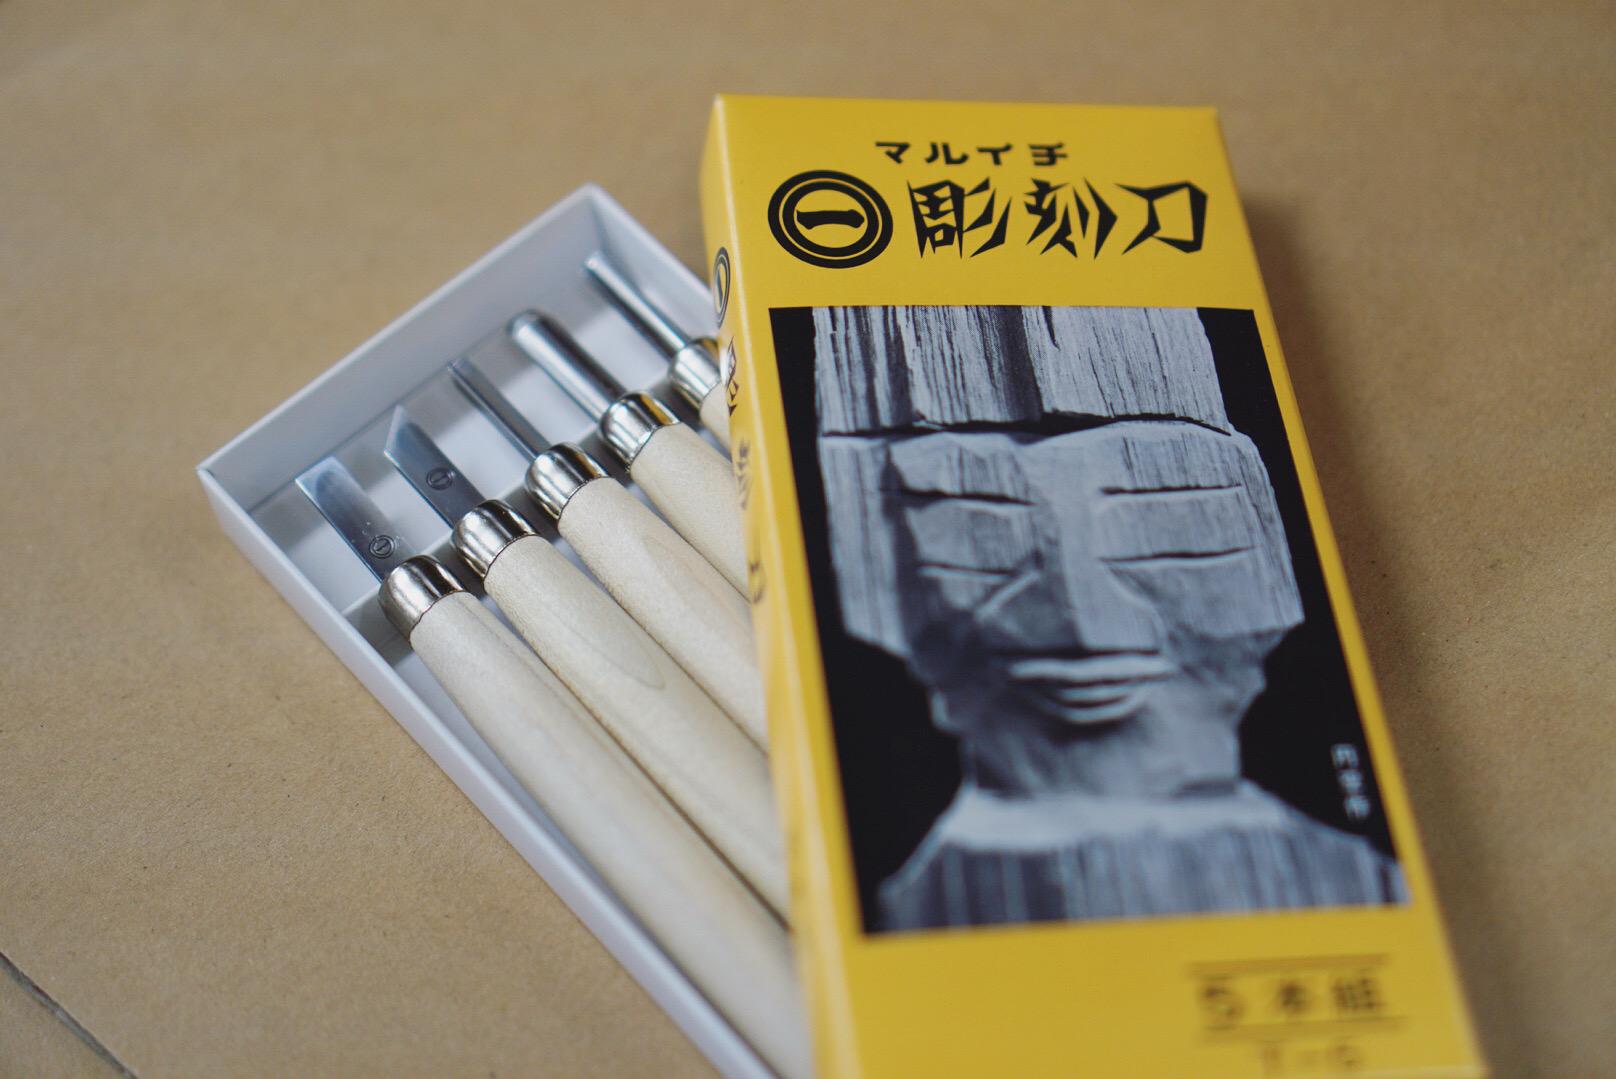 義春刃物株式会社の彫刻刀画像